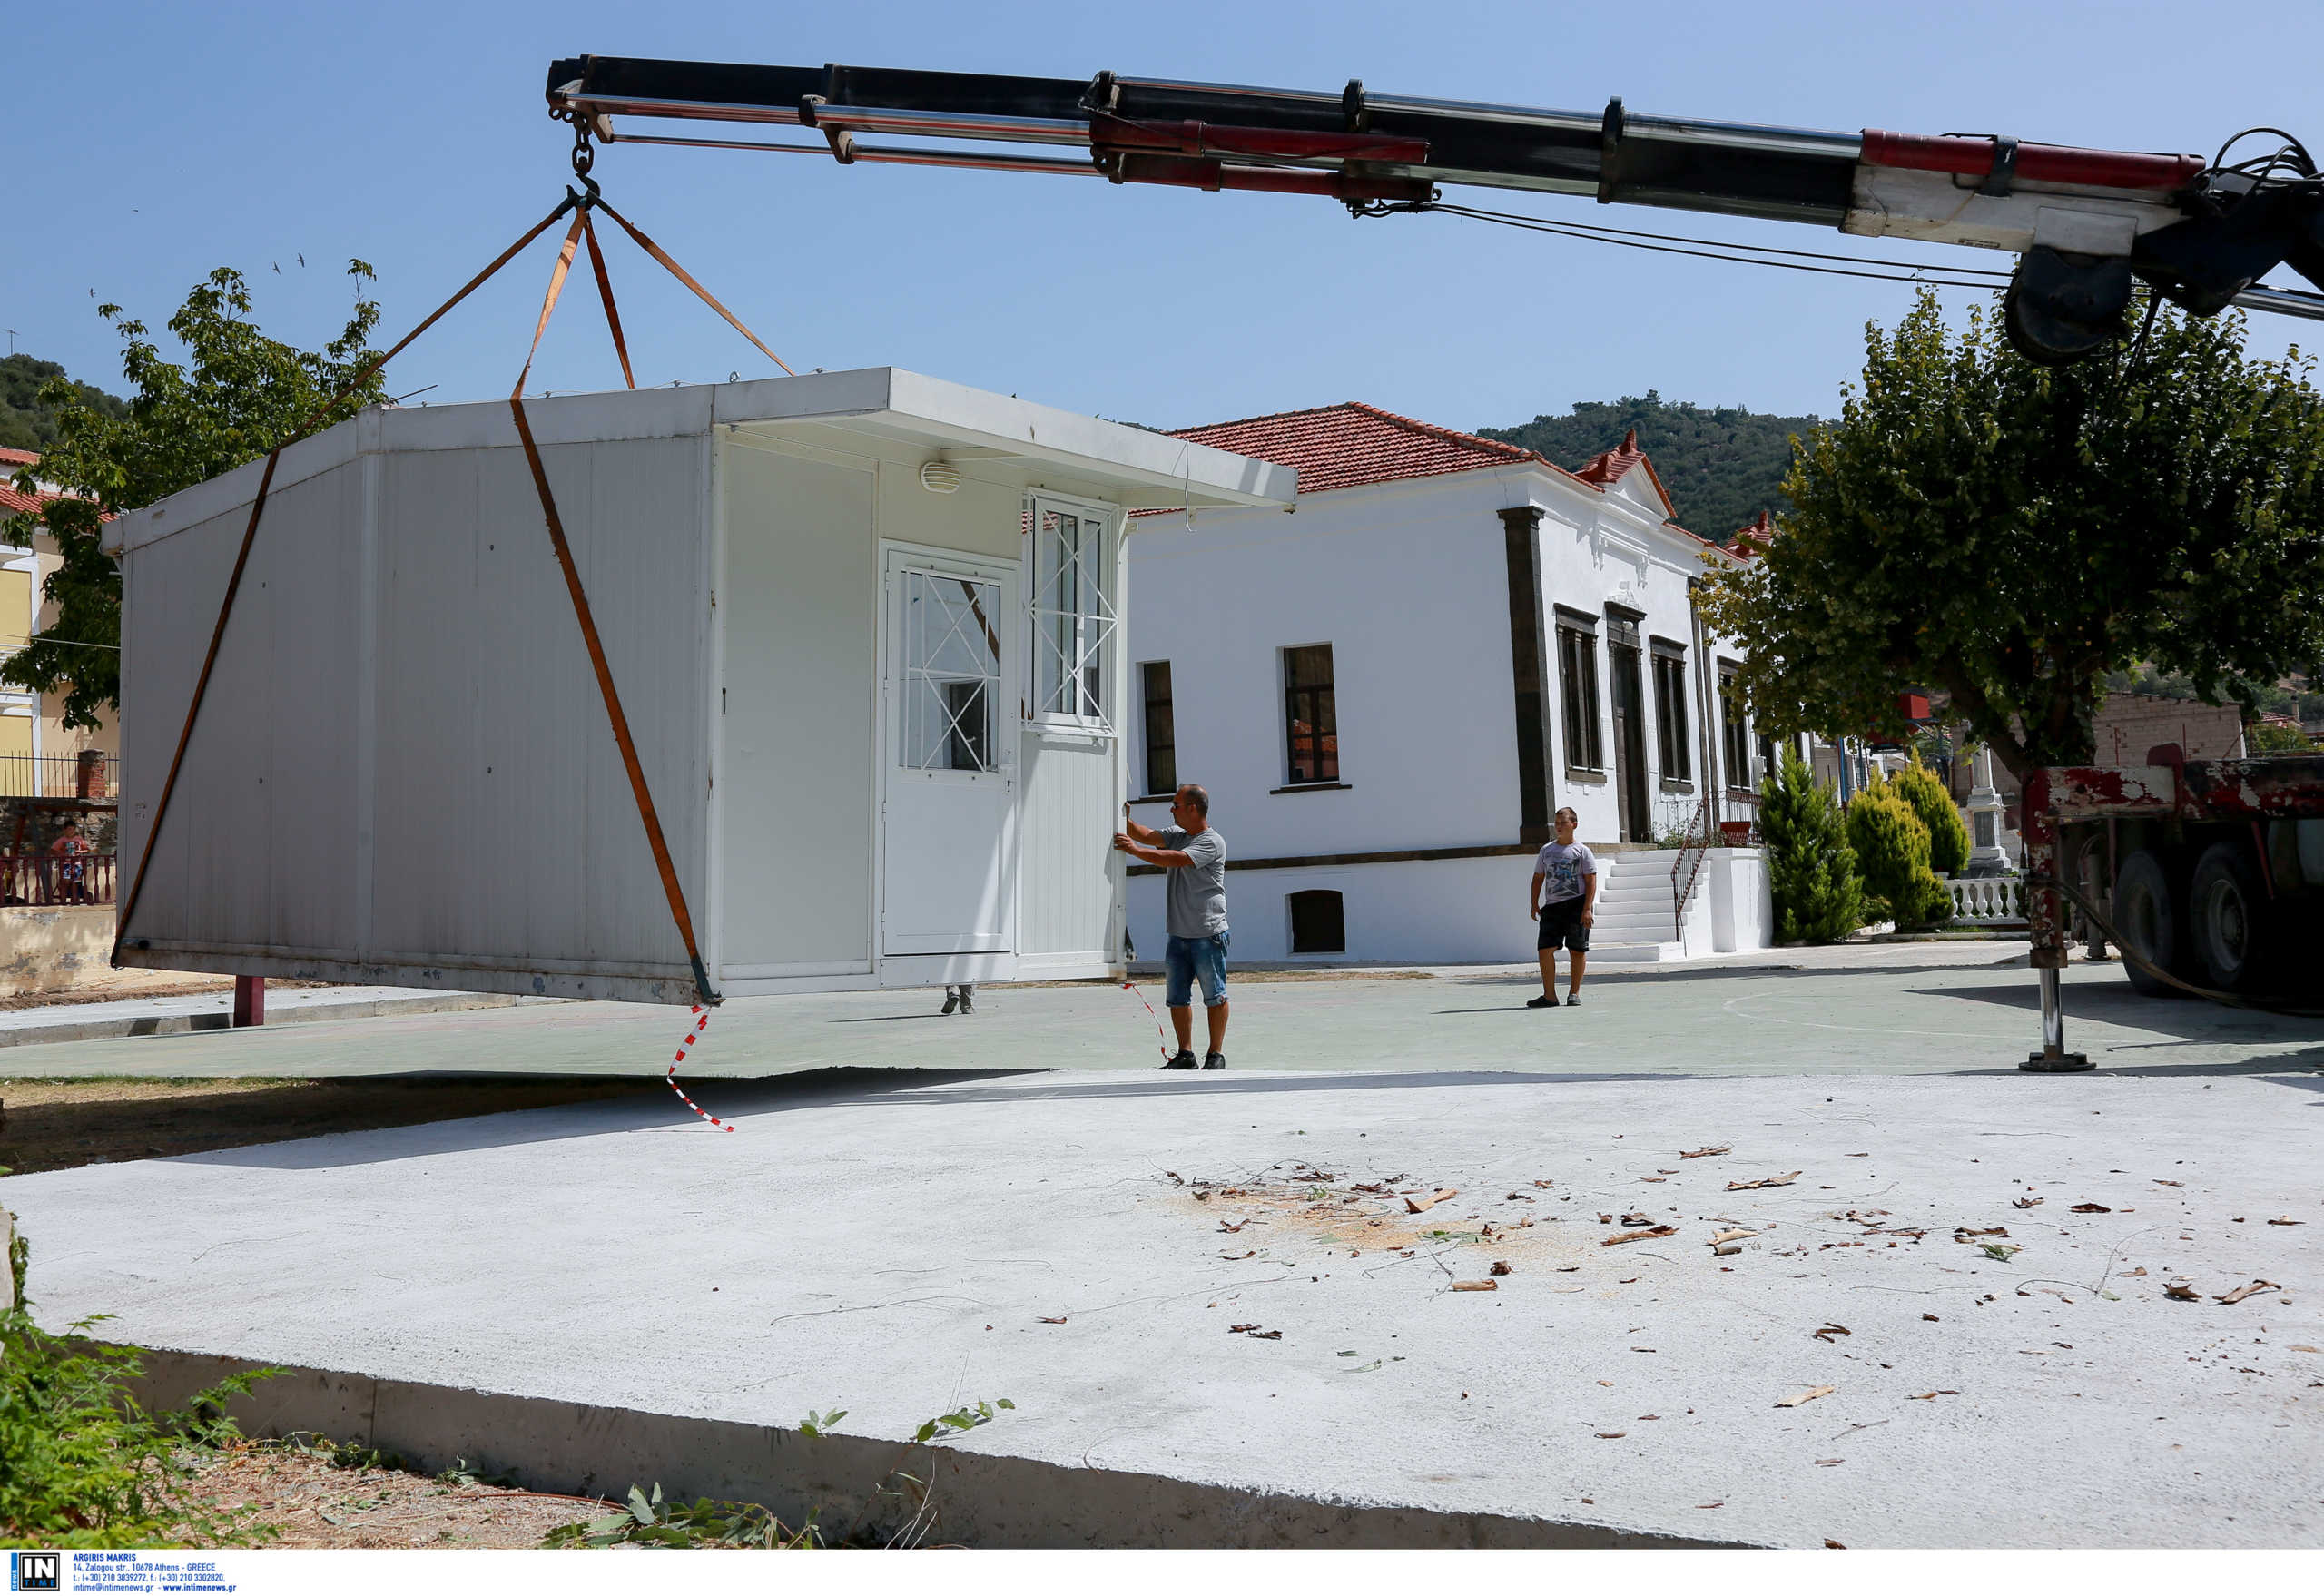 Λέσβος: Μαθήματα σε κοντέινερ από το 2017! Ελπίδες για την ανακατασκευή του σχολείου στη Βρίσα